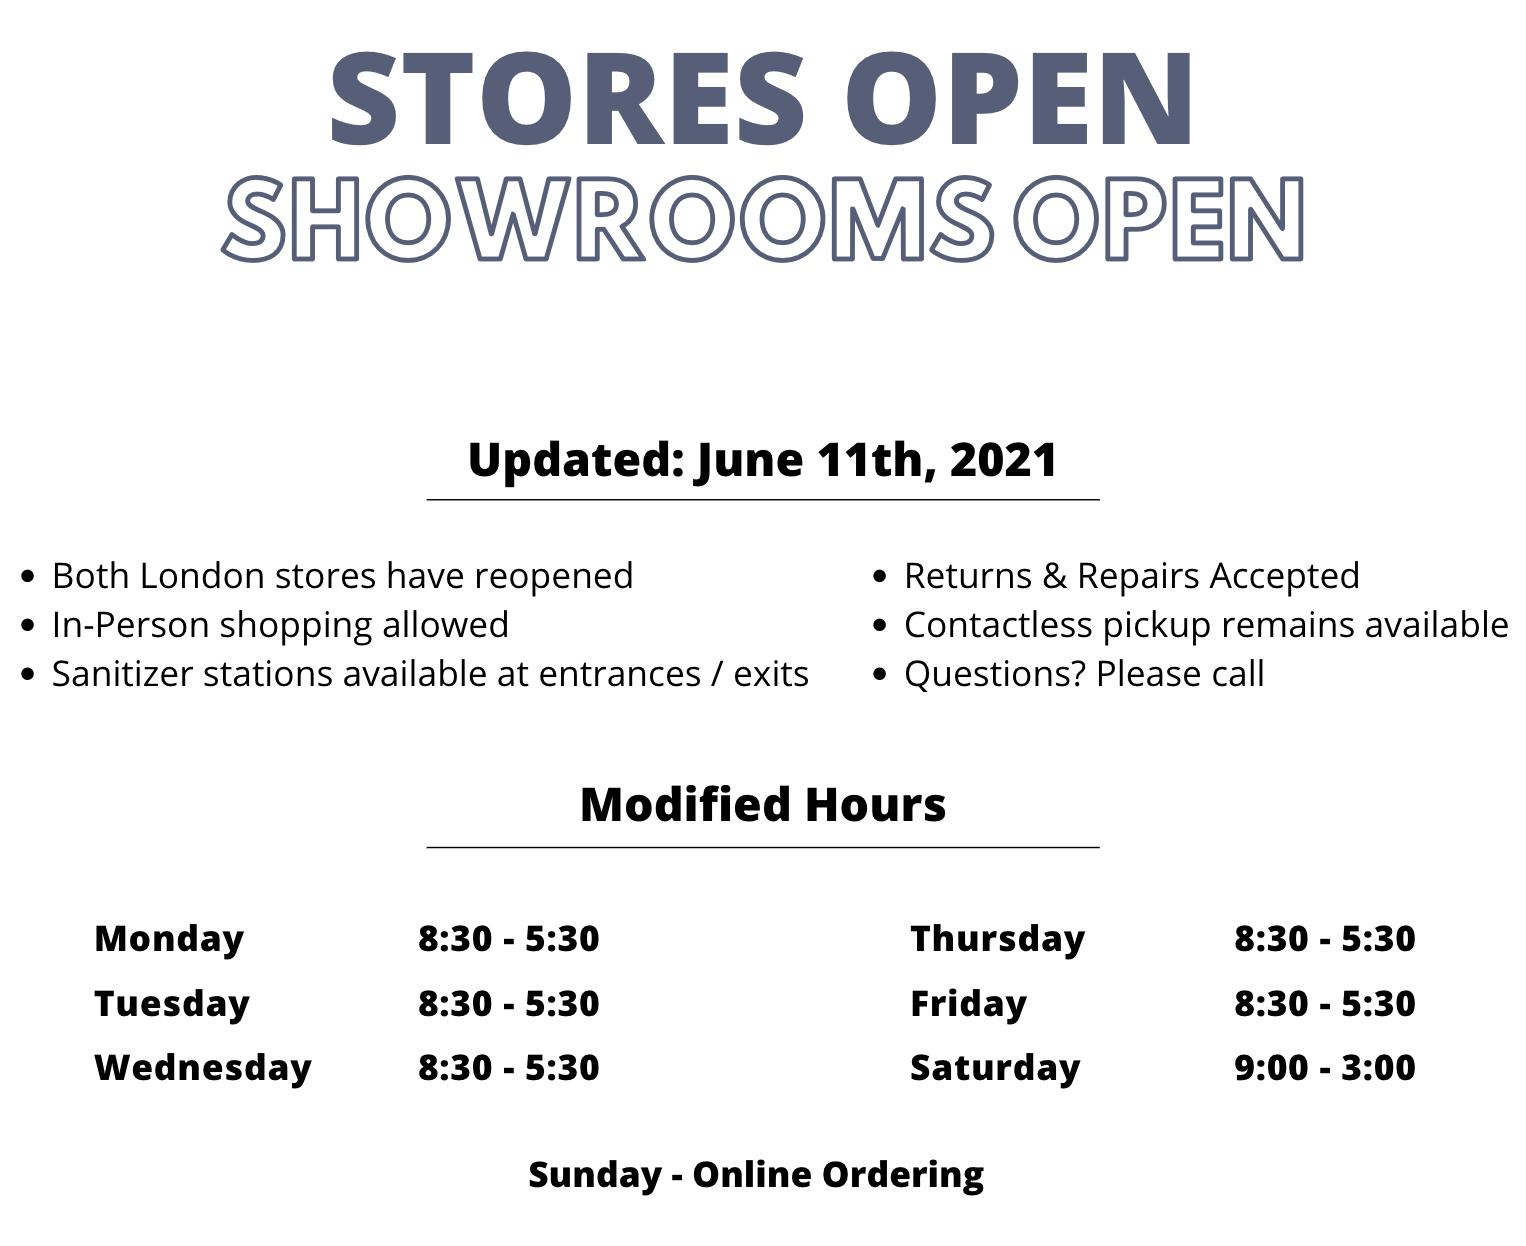 corona-virus-update-showrooms-open-june-2021.png